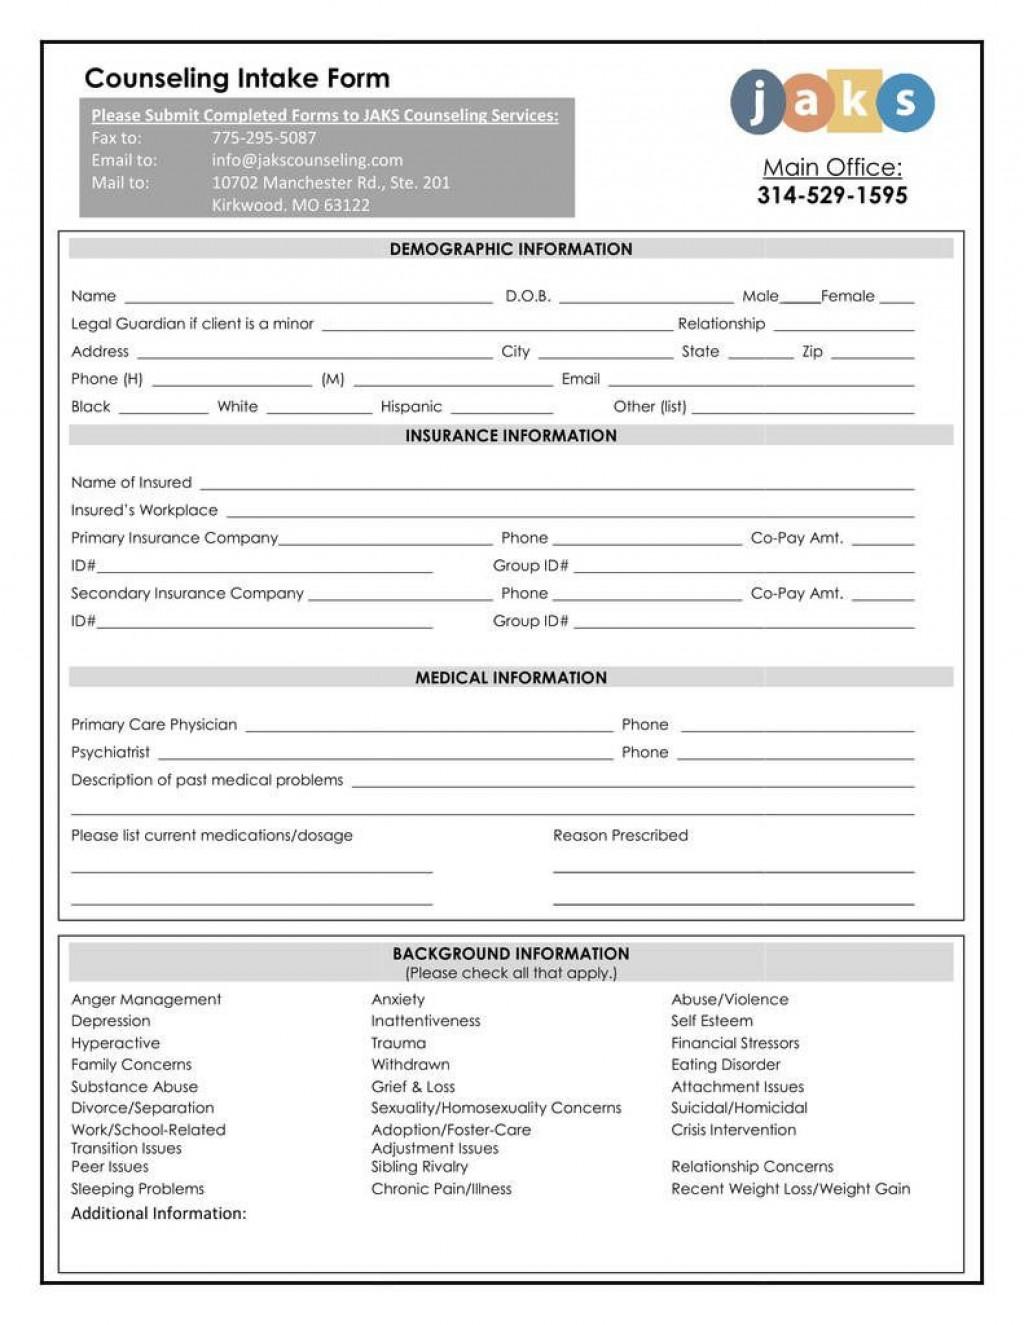 006 Simple Drug Test Result Form Template Sample  FreeLarge